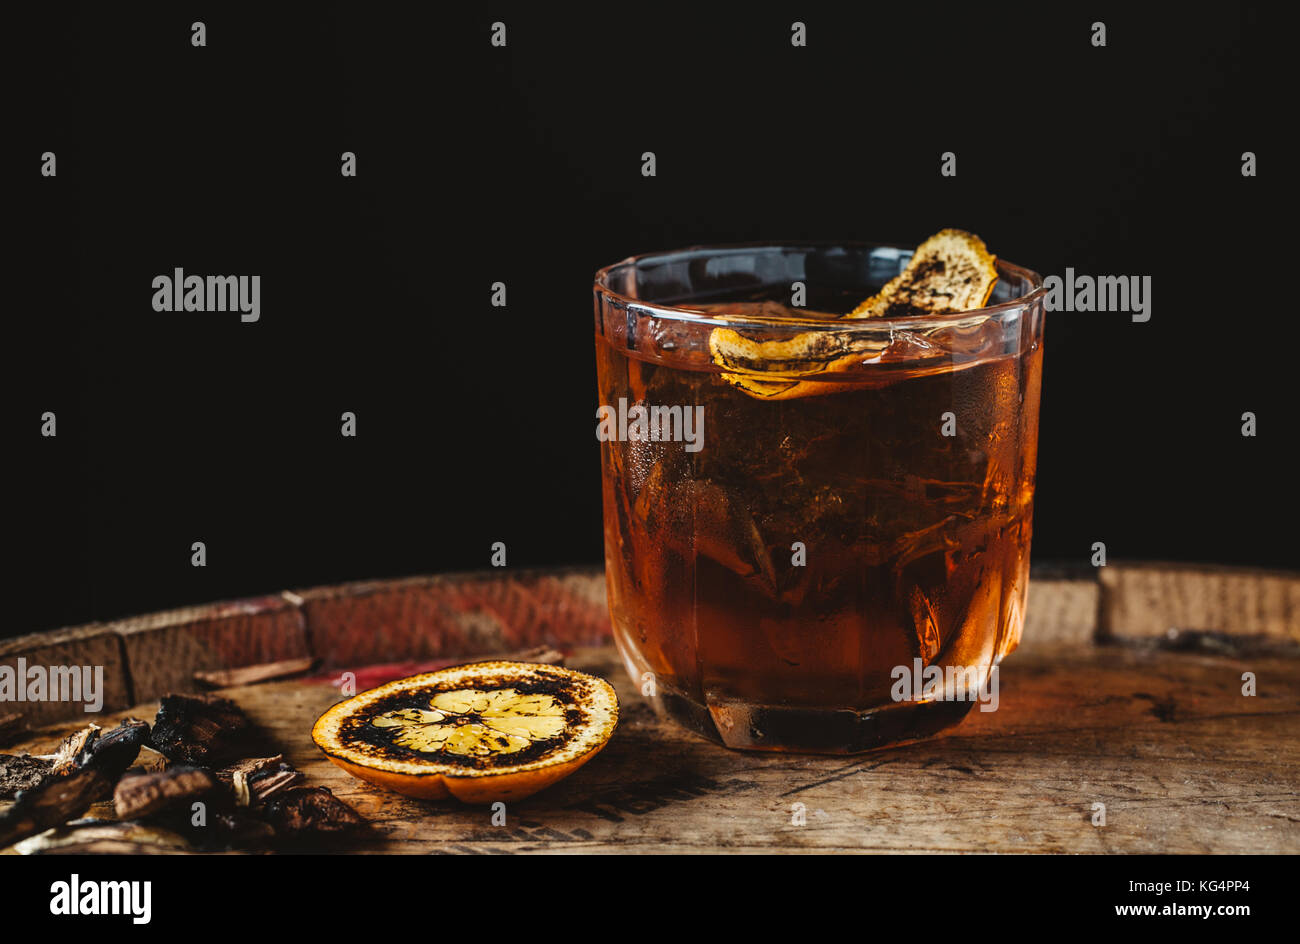 Geräucherter altmodische Cocktail garniert mit einer Orangenhaut auf dunklem Hintergrund Stockfoto